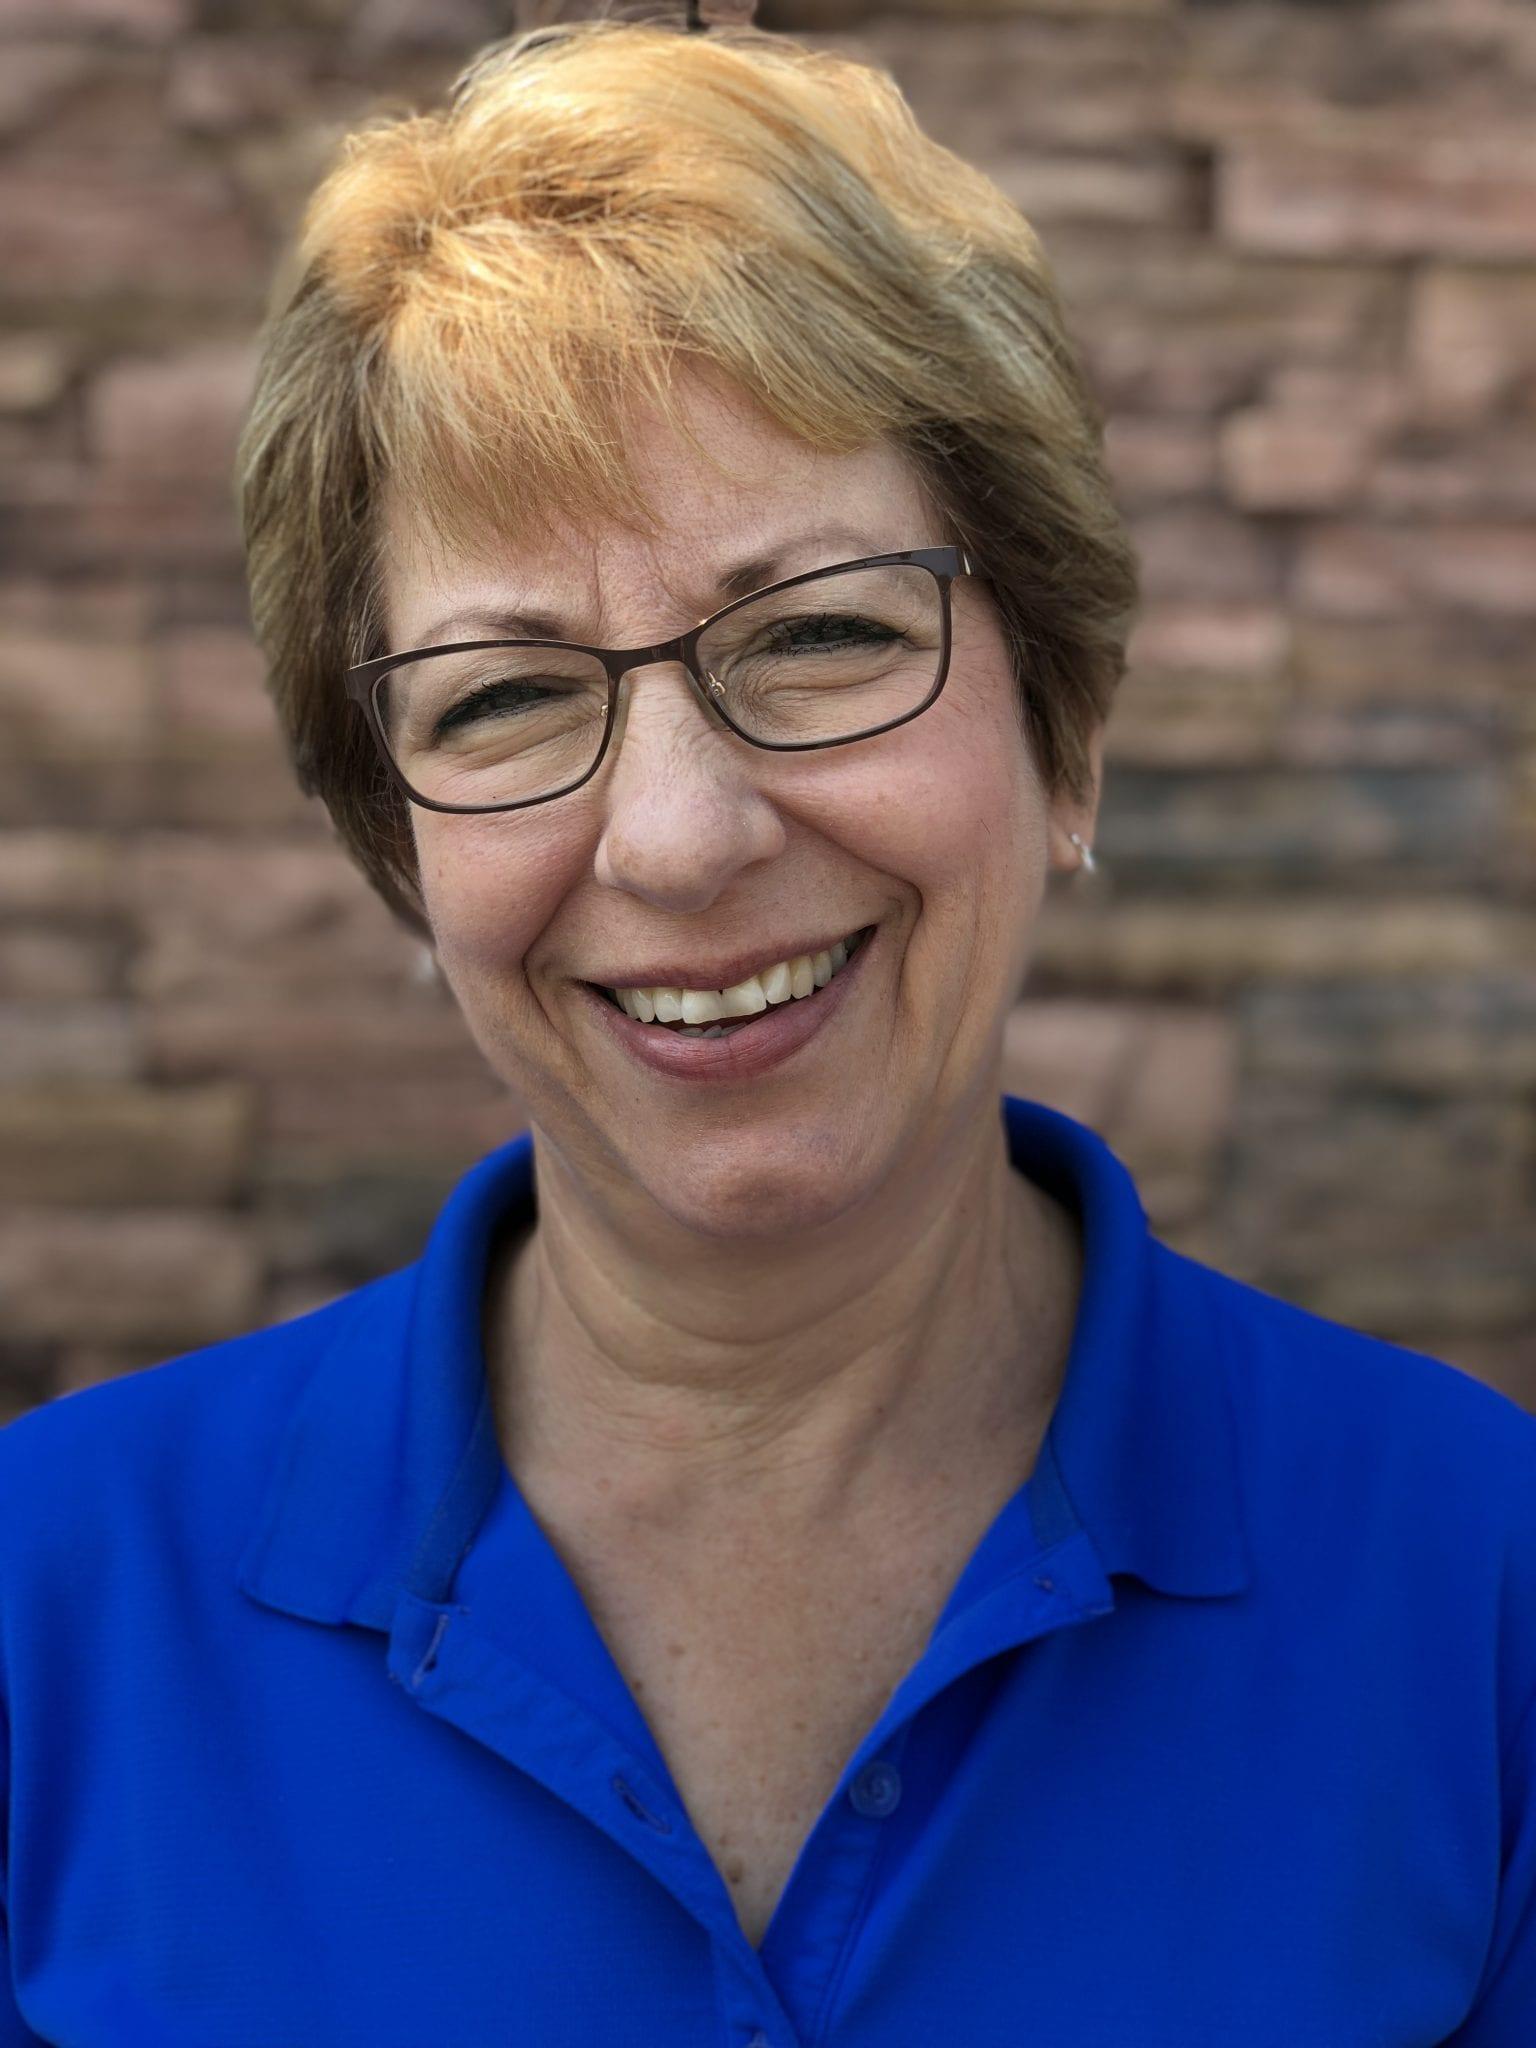 Lori Taloumis